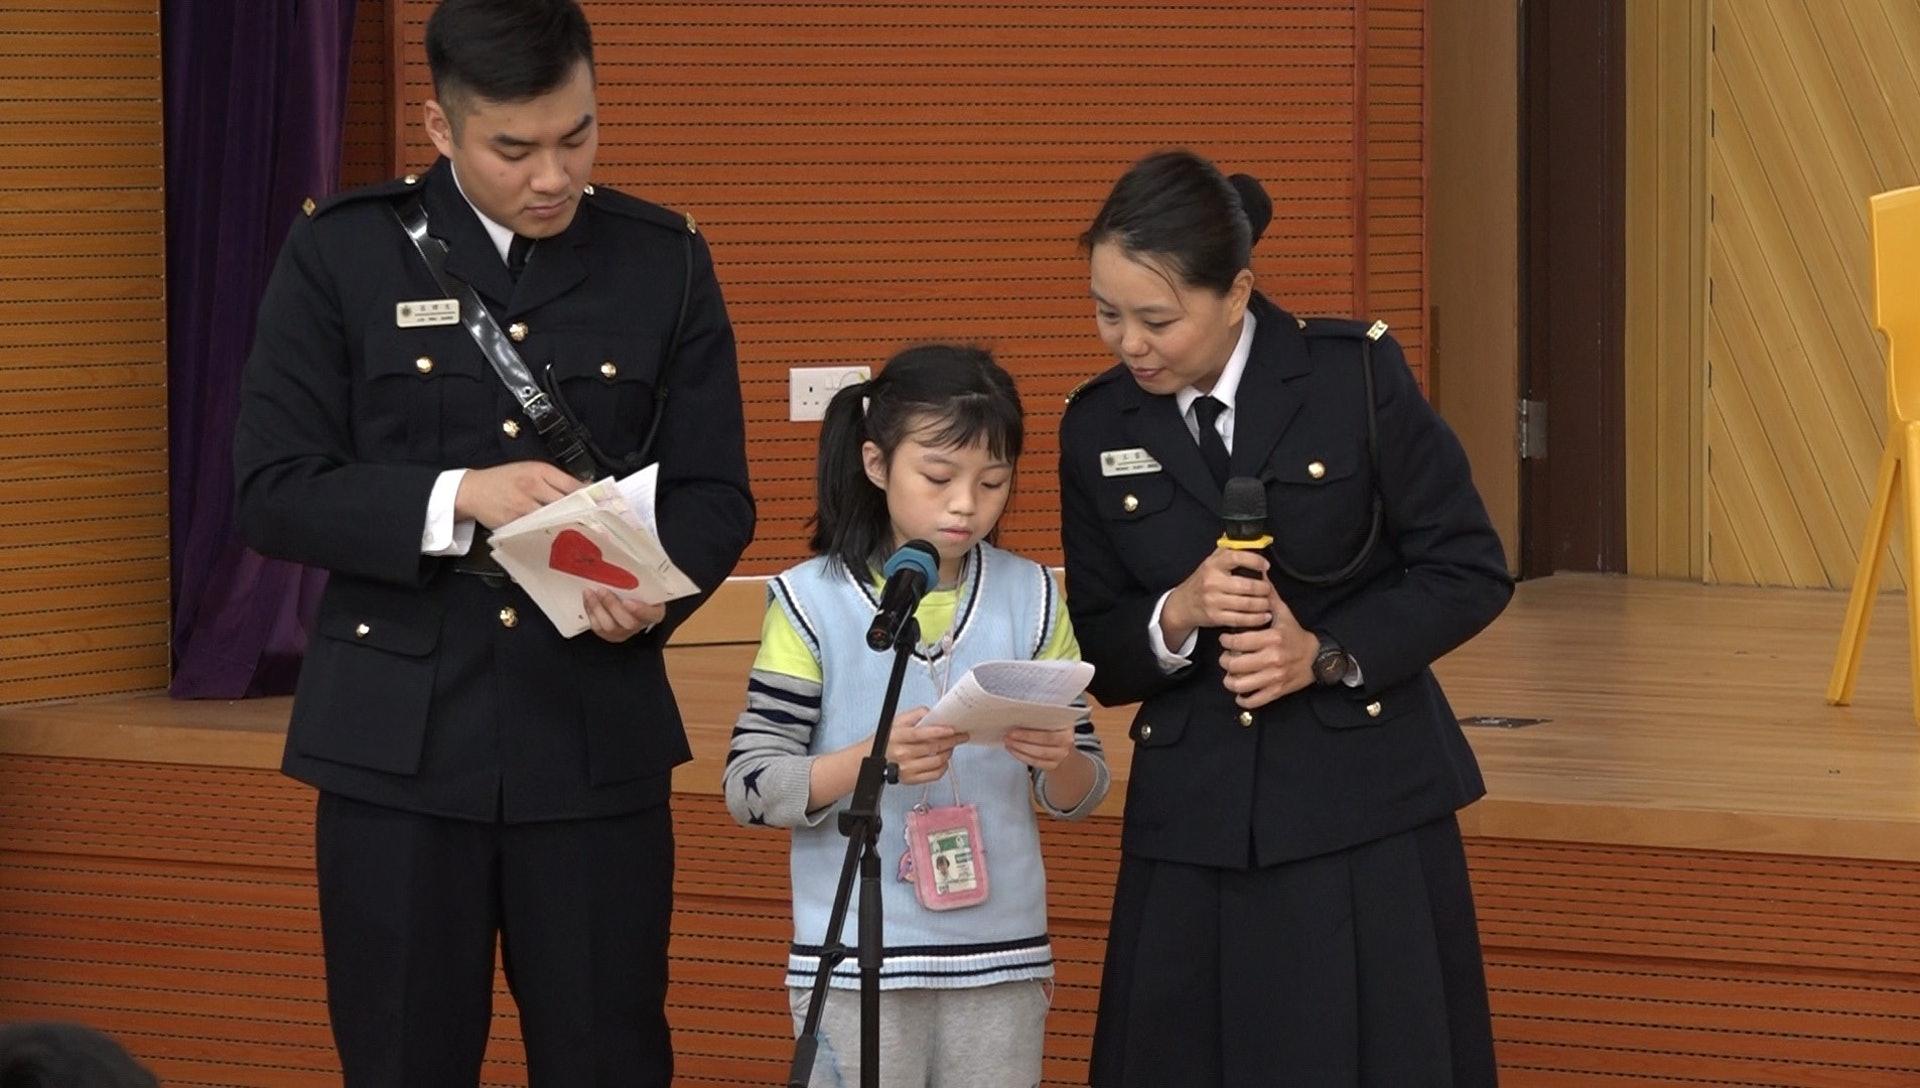 浸信會天虹小學五年級的勞同學讀出囚友來信。(譚威權攝)